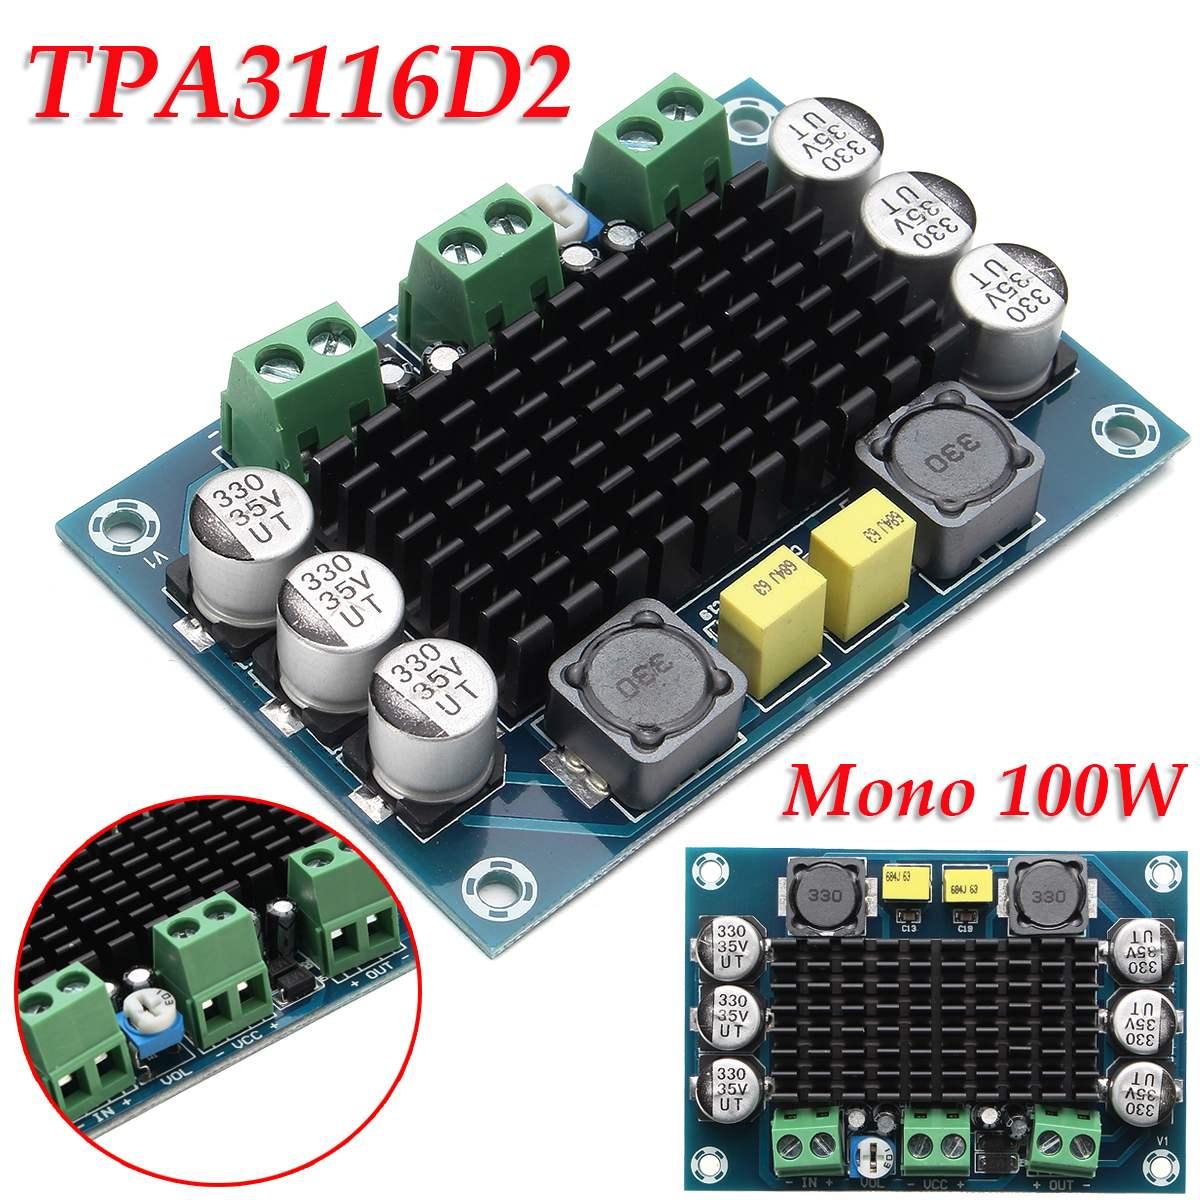 1 unid XH-M542 DC12-26V 100 W Subwoofer Mono tablero del amplificador de potencia Digital TPA3116D2 amplificadores de Audio digitales NE5532